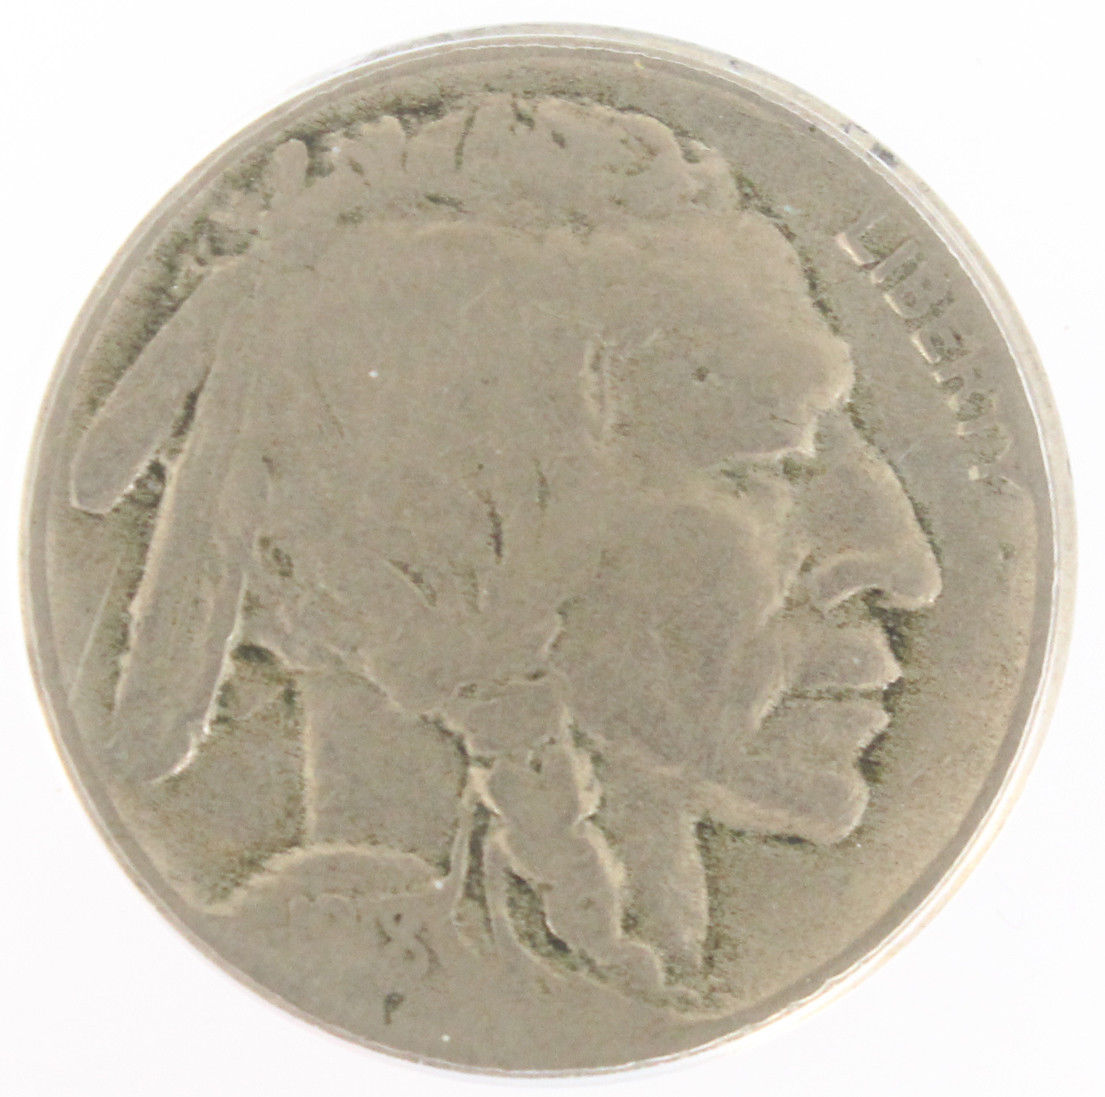 1918/7 Buffalo Nickel Graded PCGS VG10